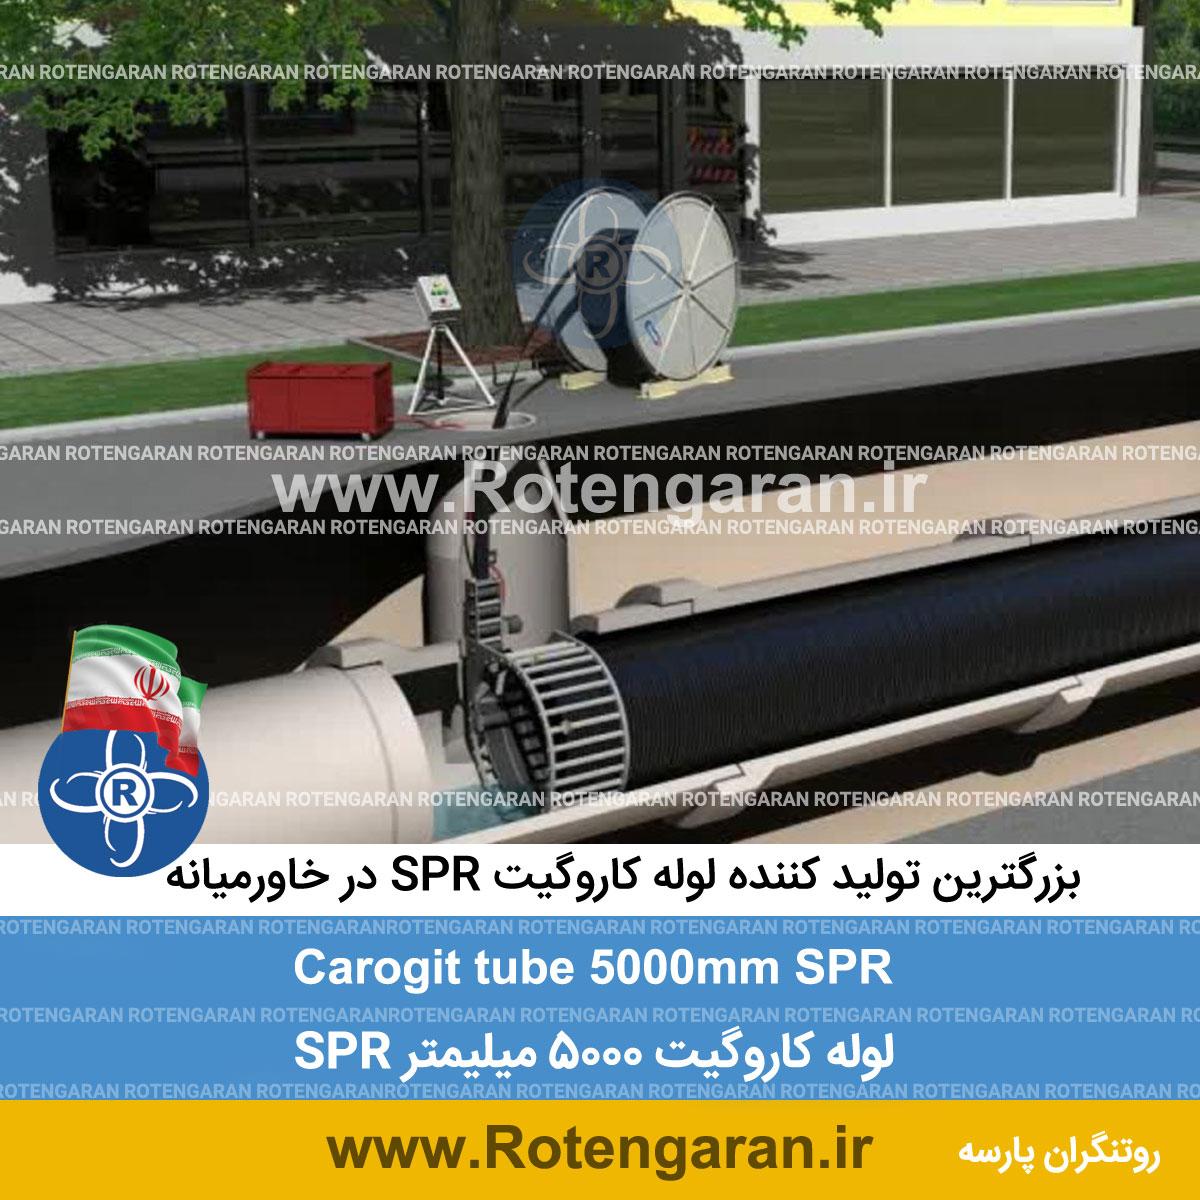 لوله کاروگیت 5000 میلیمتر SPR